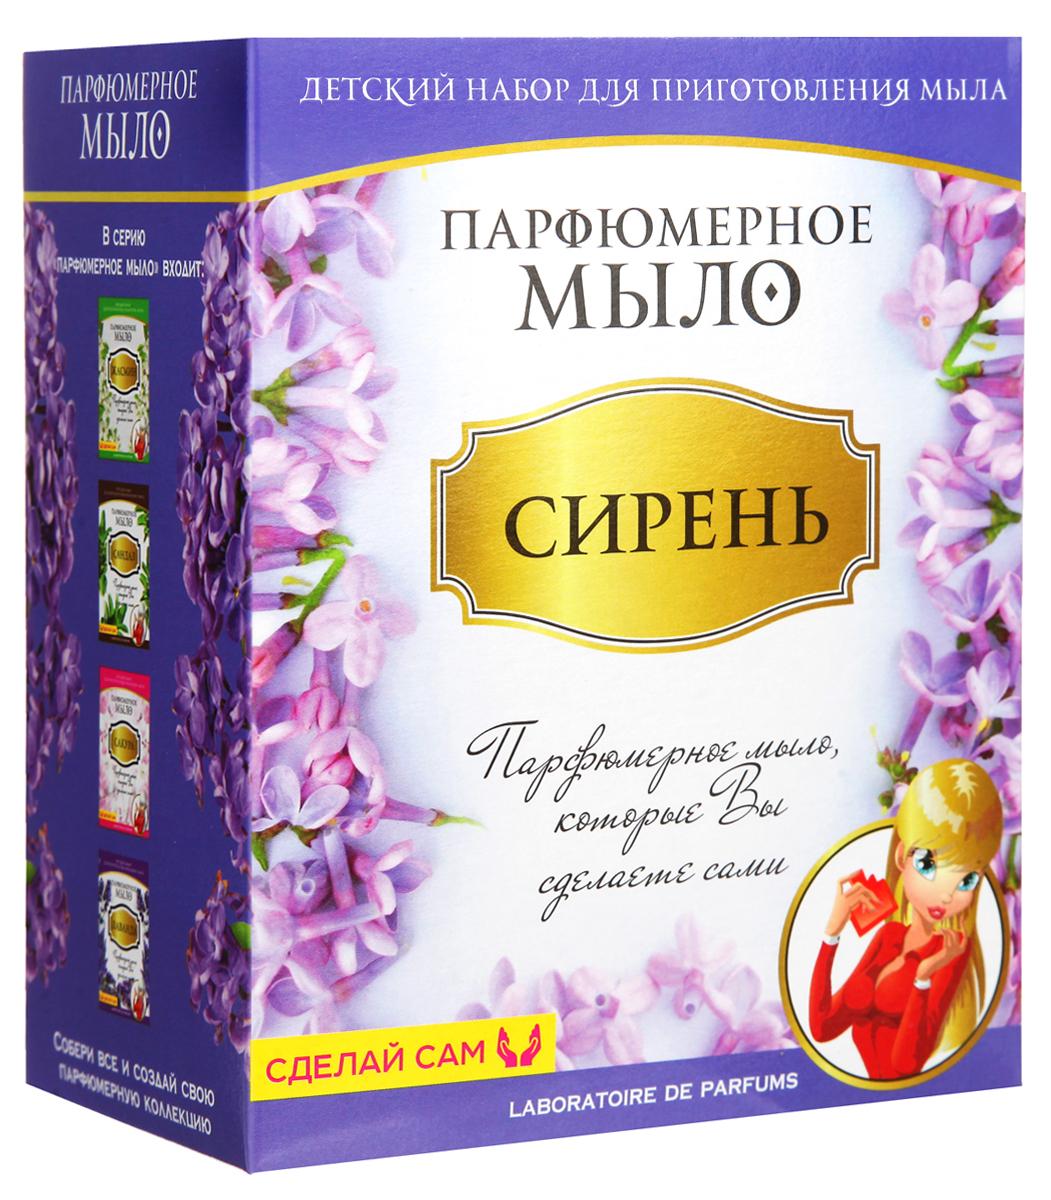 Master IQ Набор для изготовления парфюмерного мыла СиреньМ016Парфюмерное мыло - это новый косметический продукт, обладающий сочетанными свойствами мыла и духов. Оно прекрасно очищает кожу и придаёт ей освежающий аромат сирени. С помощью набора для изготовления парфюмерного мыла Master IQ Сирень ребёнок своими руками сделает прекрасный подарок для мамы и своих подруг. Состав набора: парфюмерное масло сирень; прозрачная мыльная основа 150 г; 2 флакончика натуральных пищевых красителей; 2 формы для мыла; стаканчик; защитные перчатки; 2 палочки для размешивания.